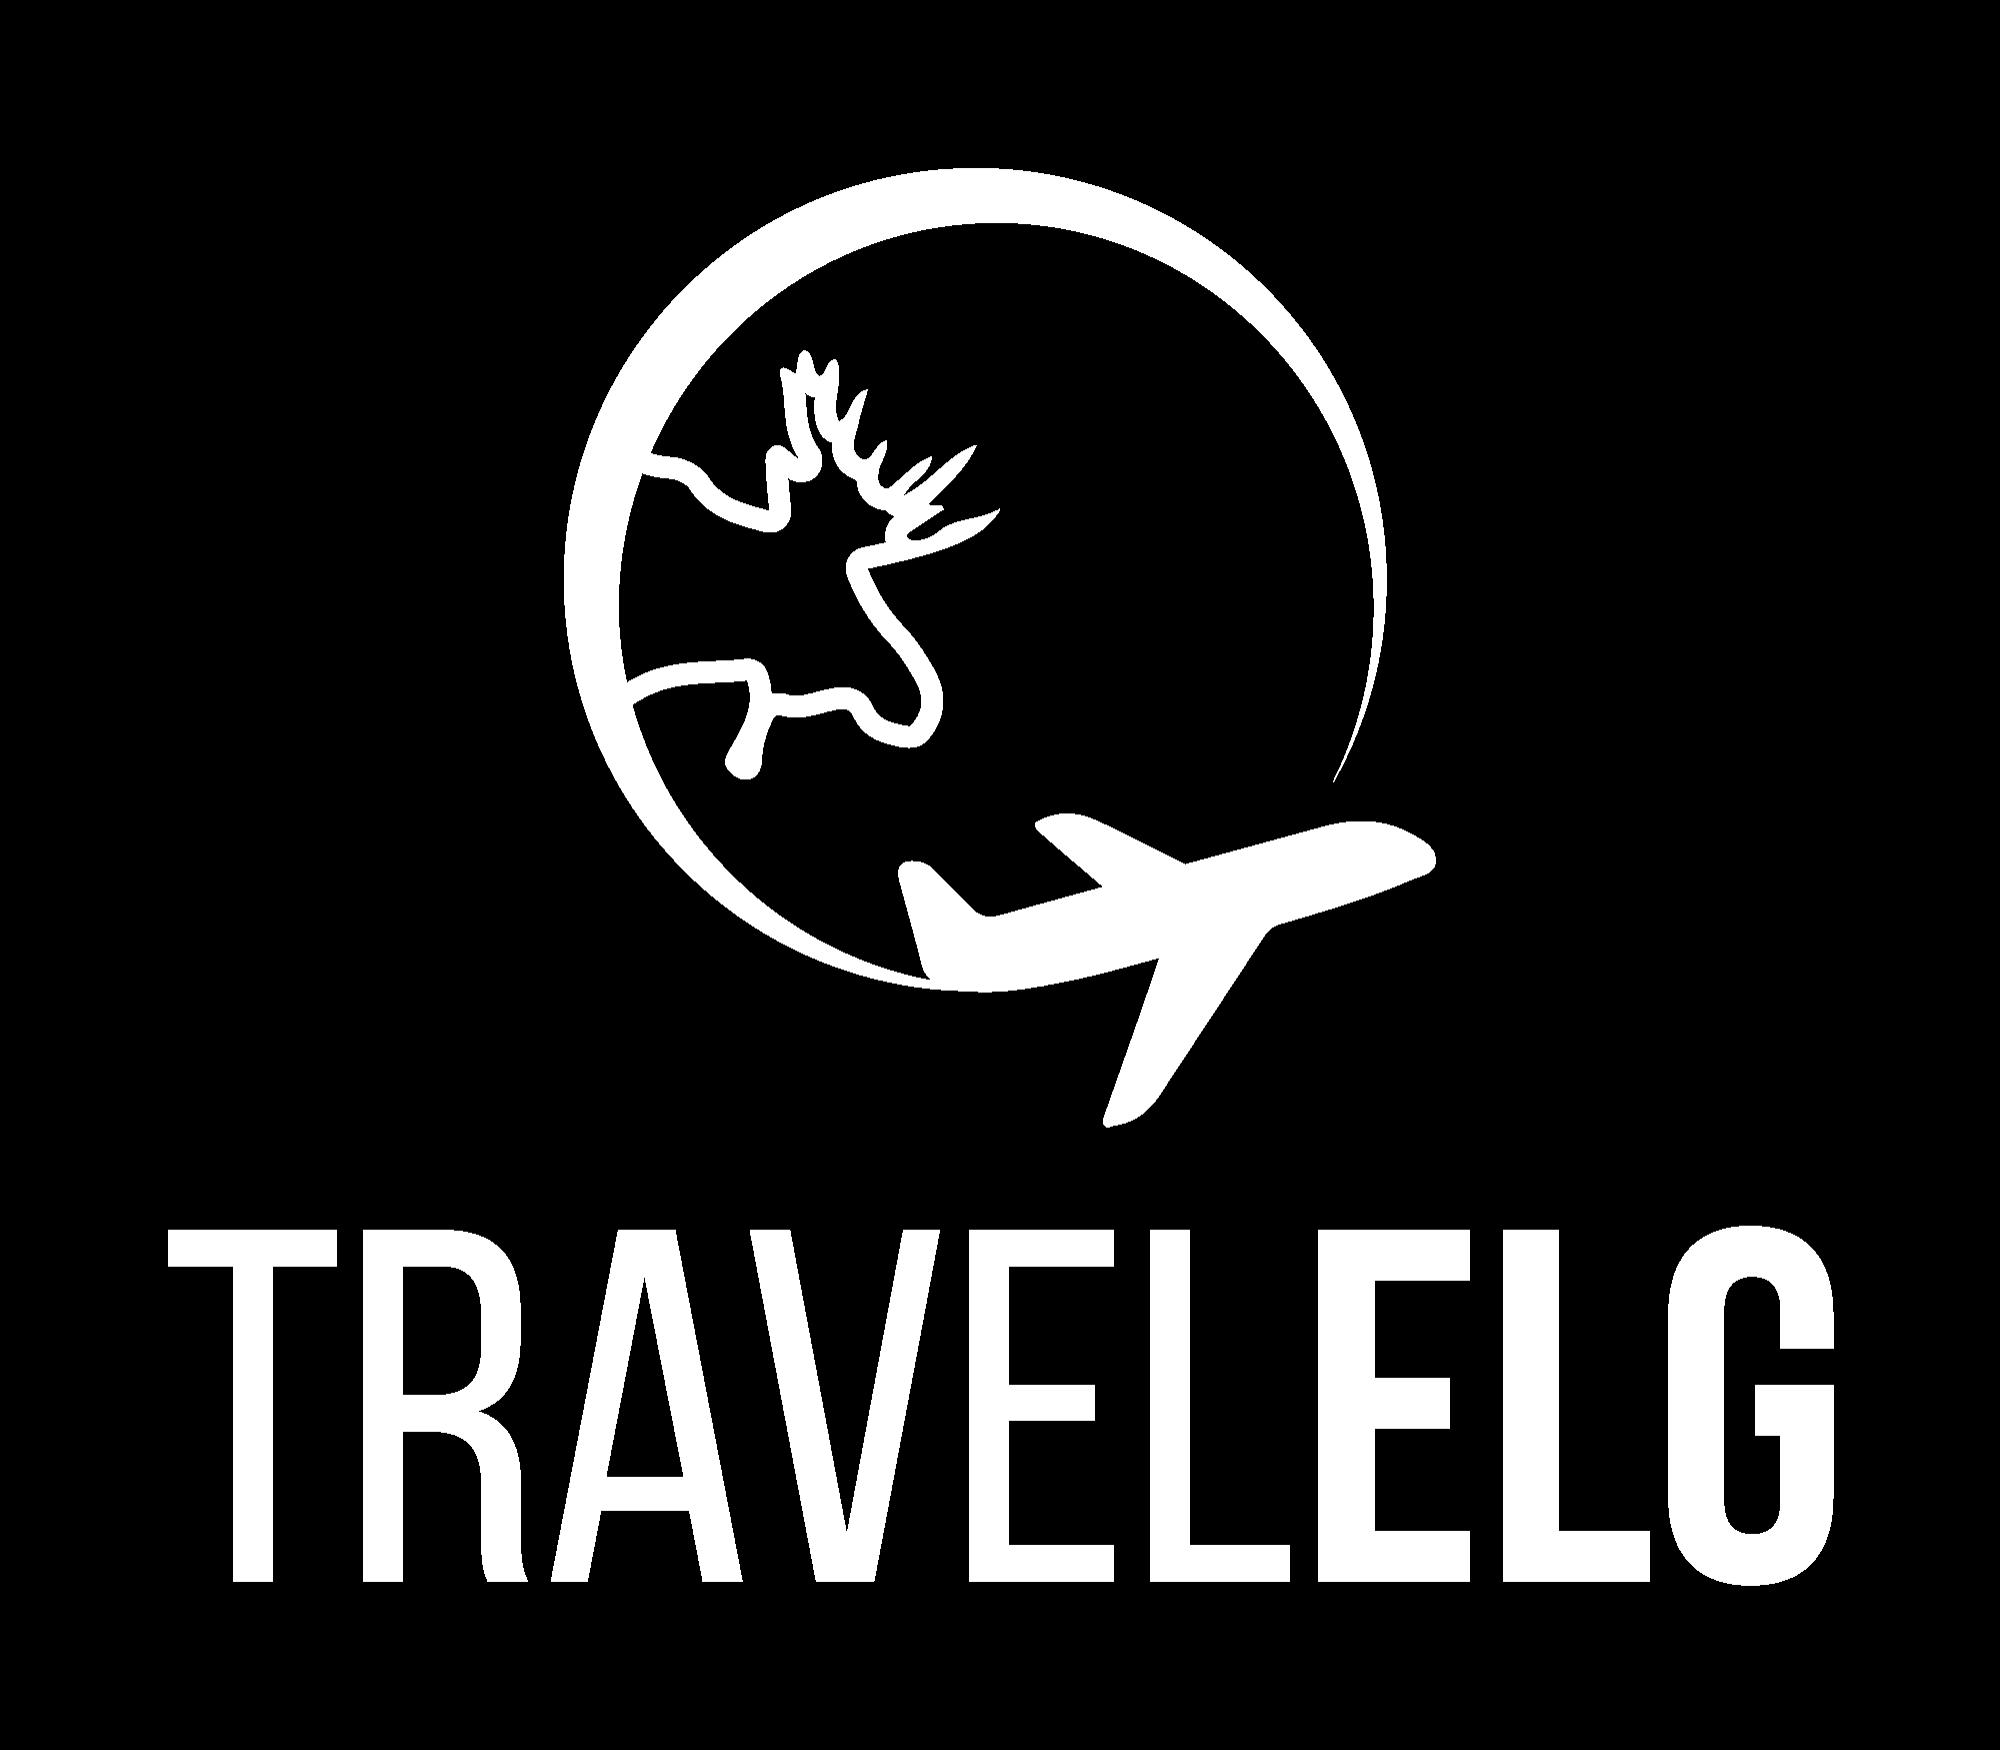 TravelElg